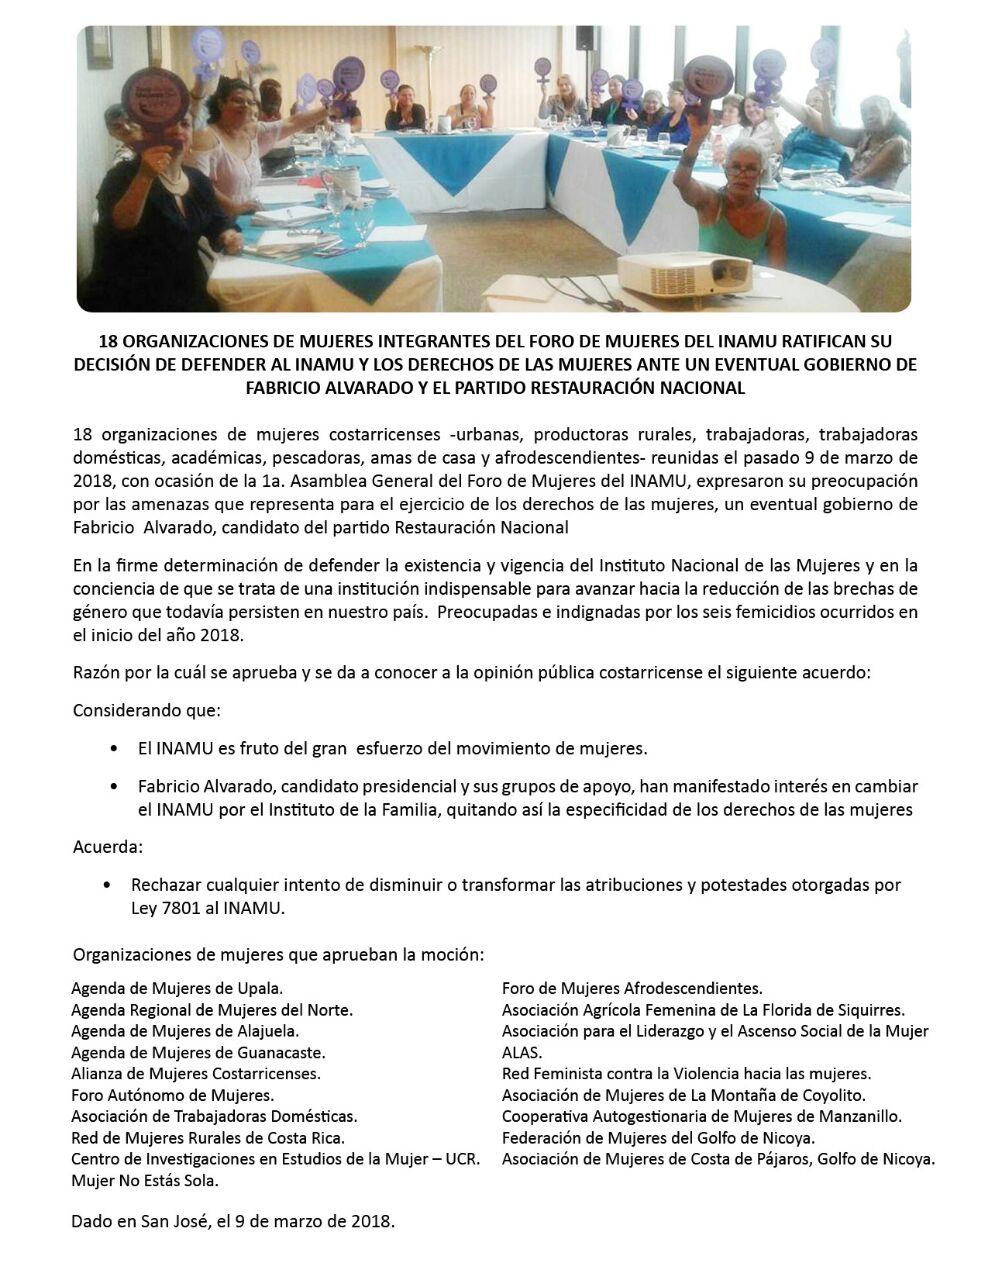 Organizaciones de mujeres defenderan sus derechos y al INAMU